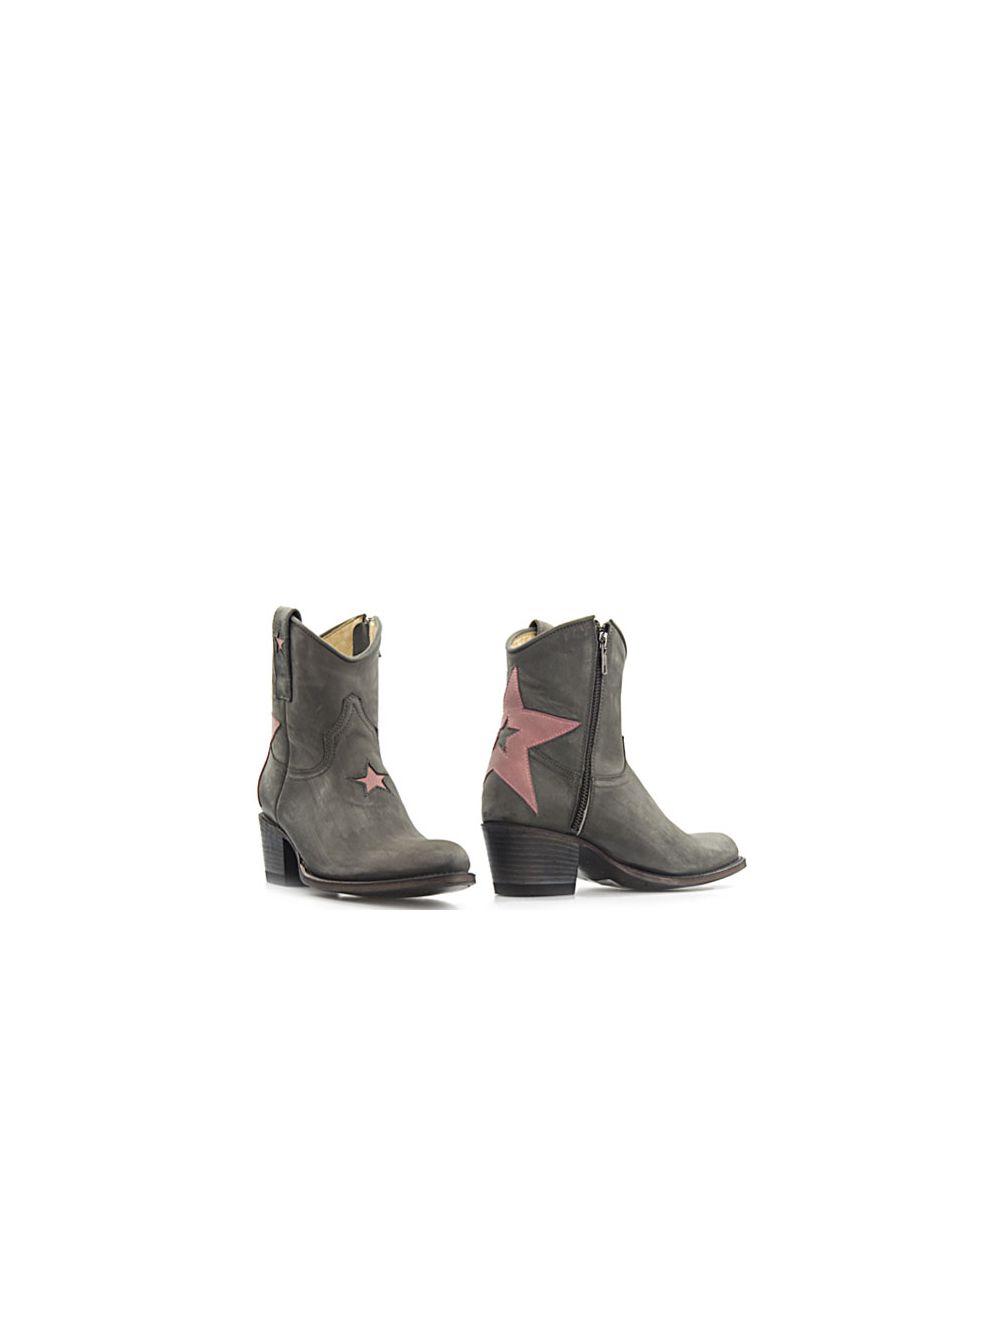 Sendra 14165 laarzen ster grijs roze